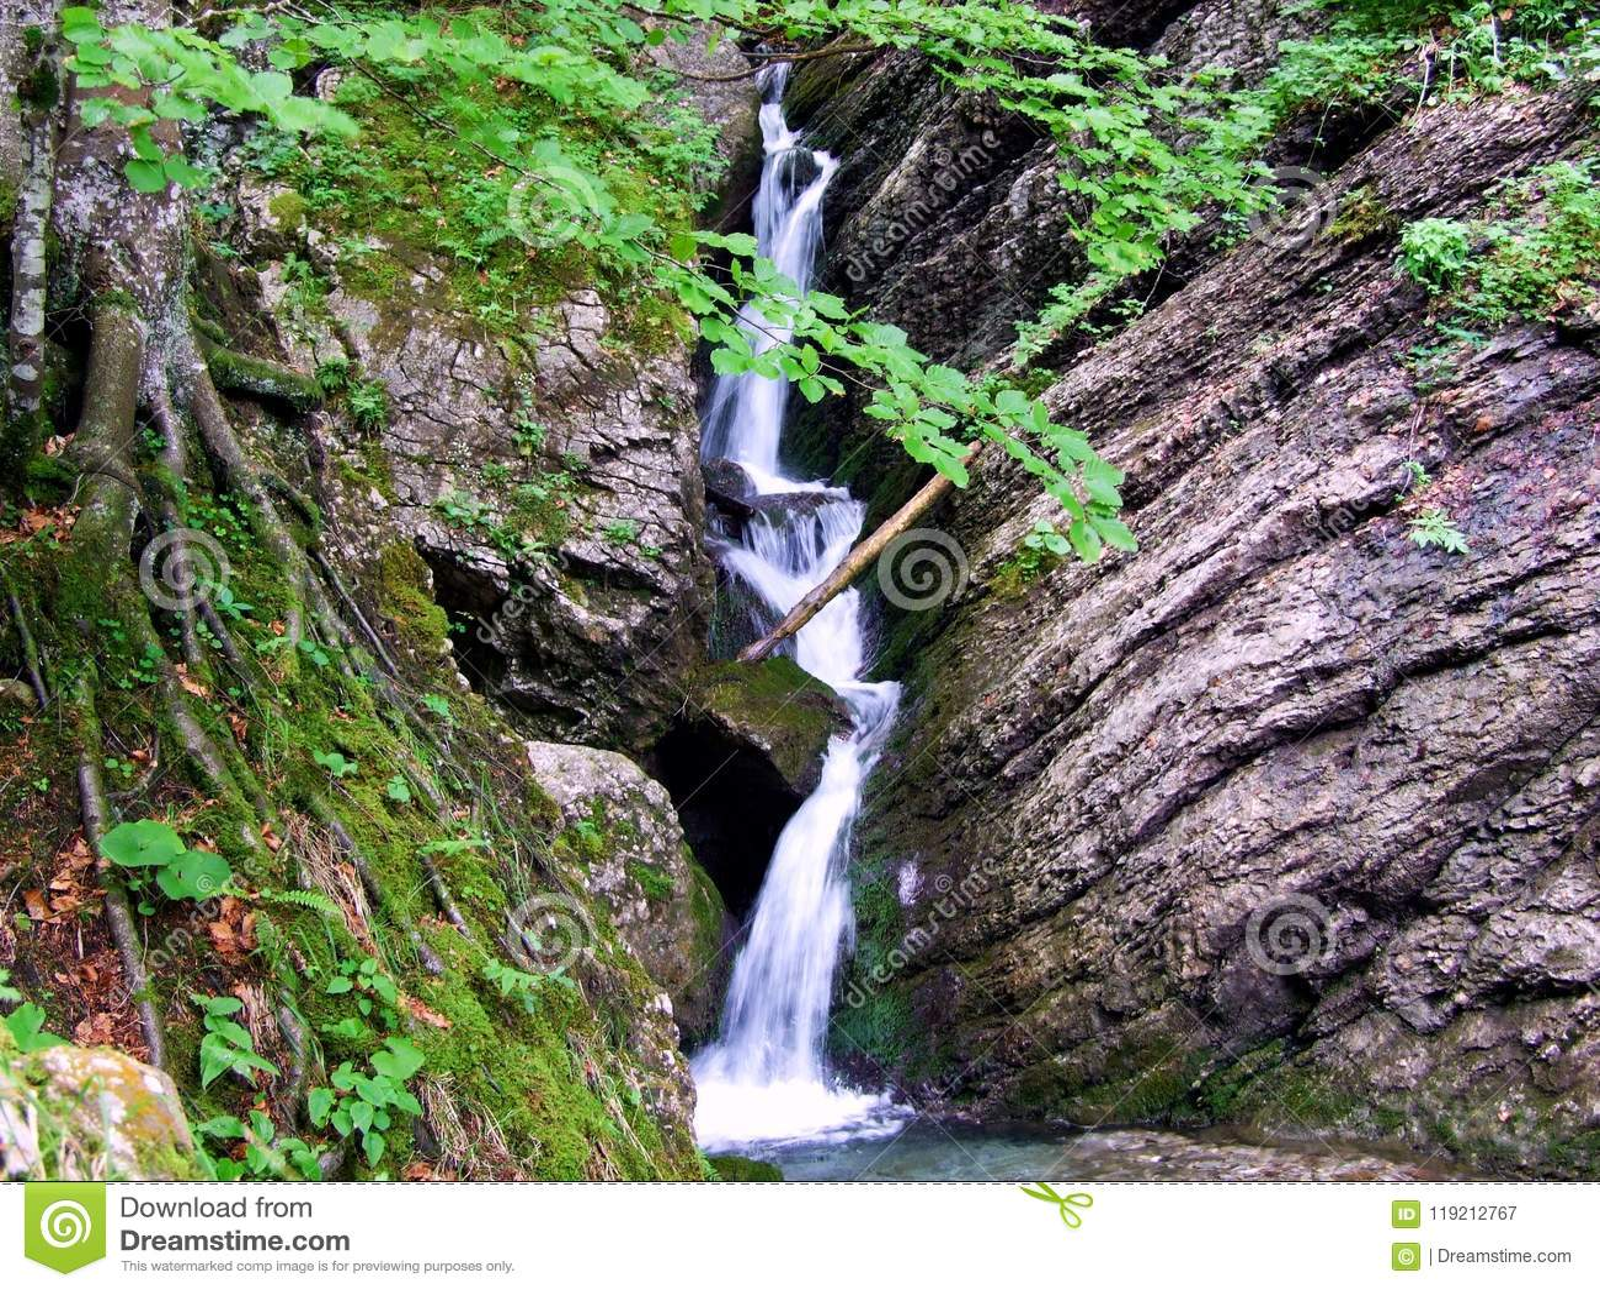 Wasserfall, Wasser, Natur, Fluss, Strom, Kaskade, Wald, Landschaft, Grün, Felsen, Berg, Stein, Nebenfluss, Fälle, Frühling, Moos,